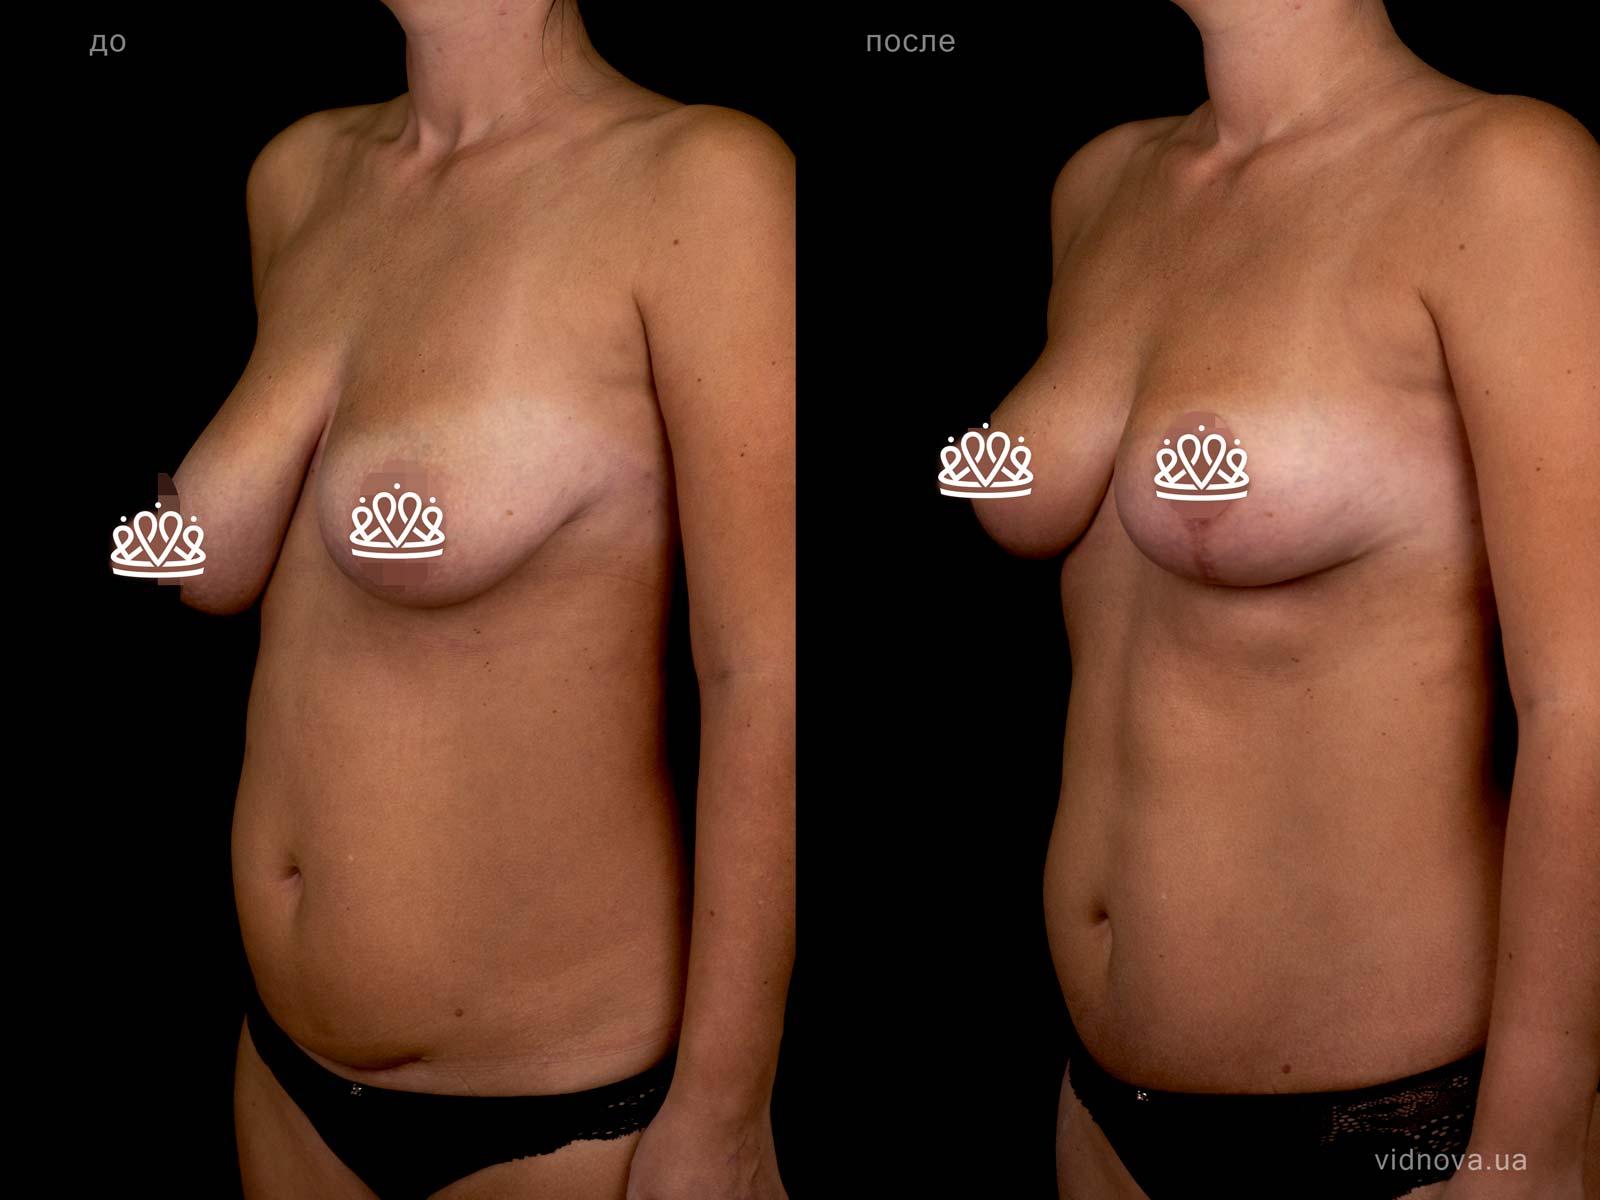 Пластика груди: результаты до и после - Пример №111-2 - Светлана Работенко